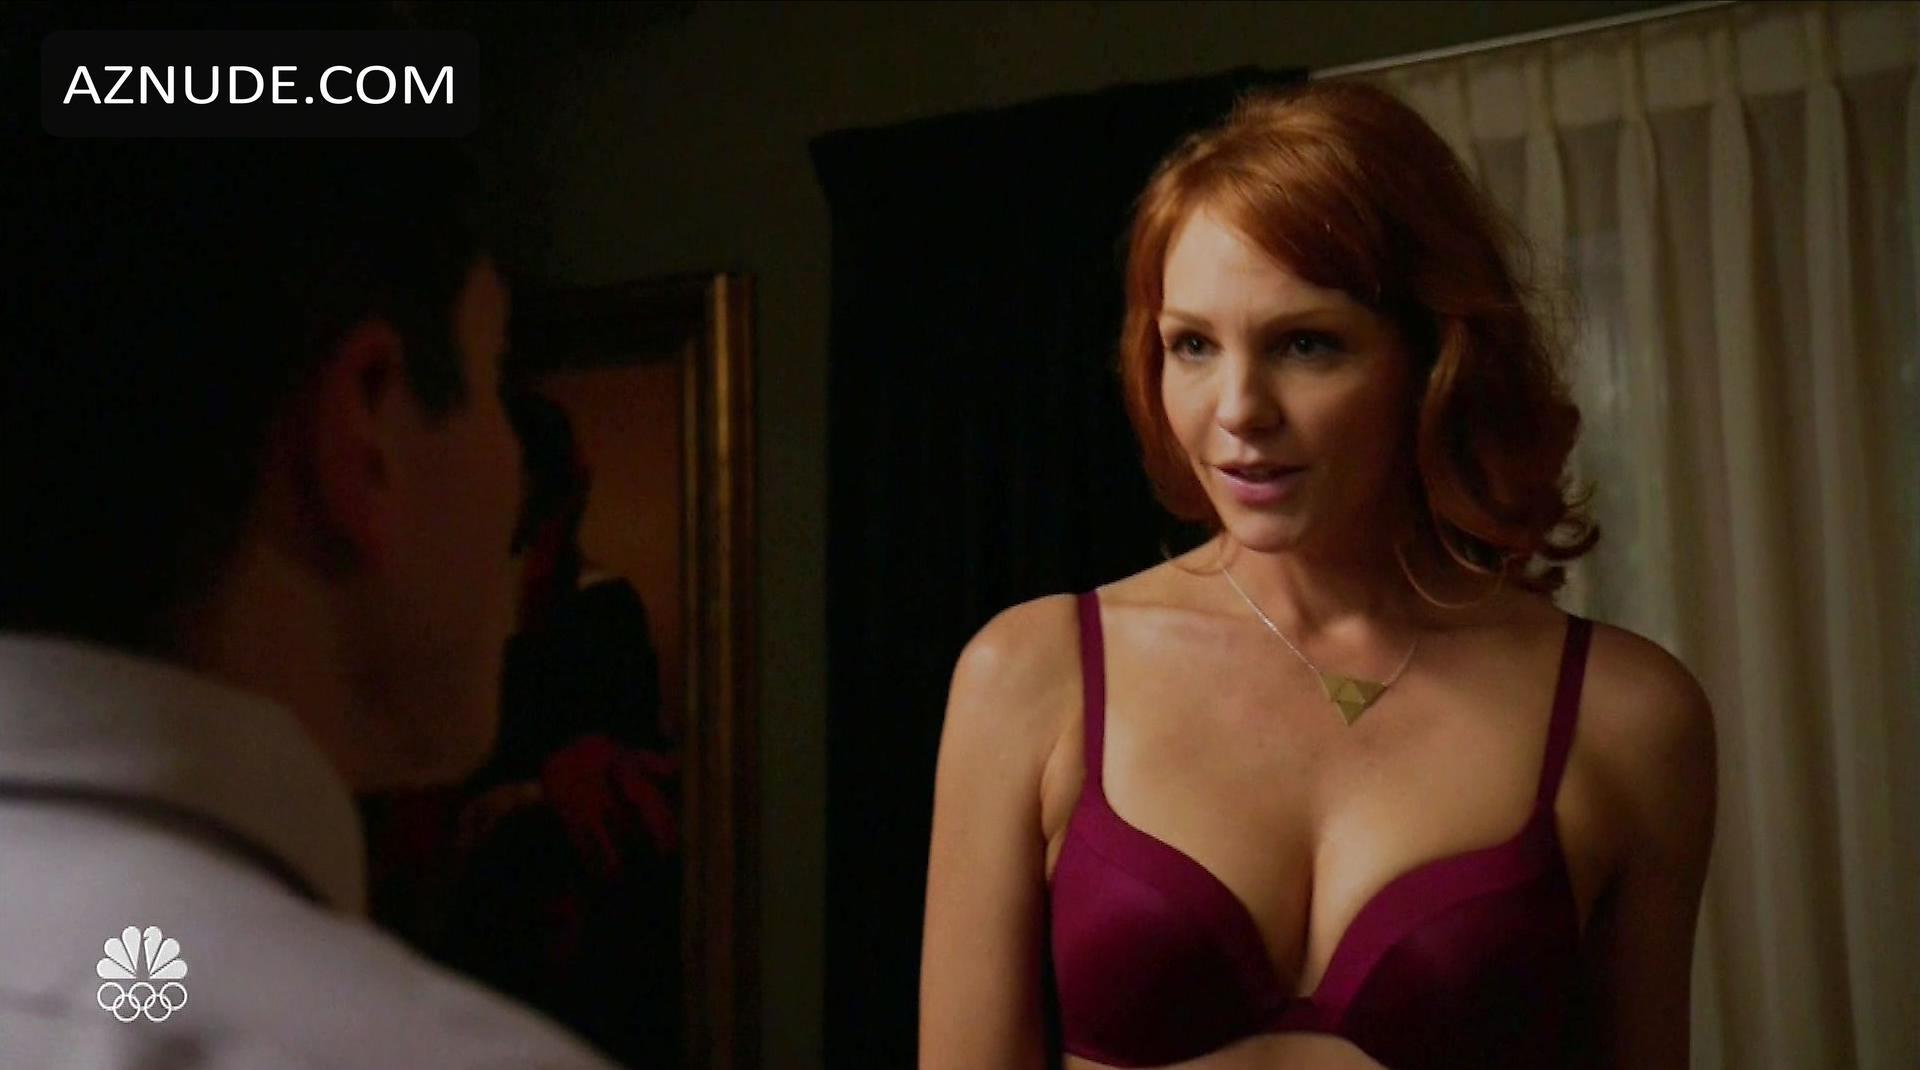 Leighton sex scenes laura